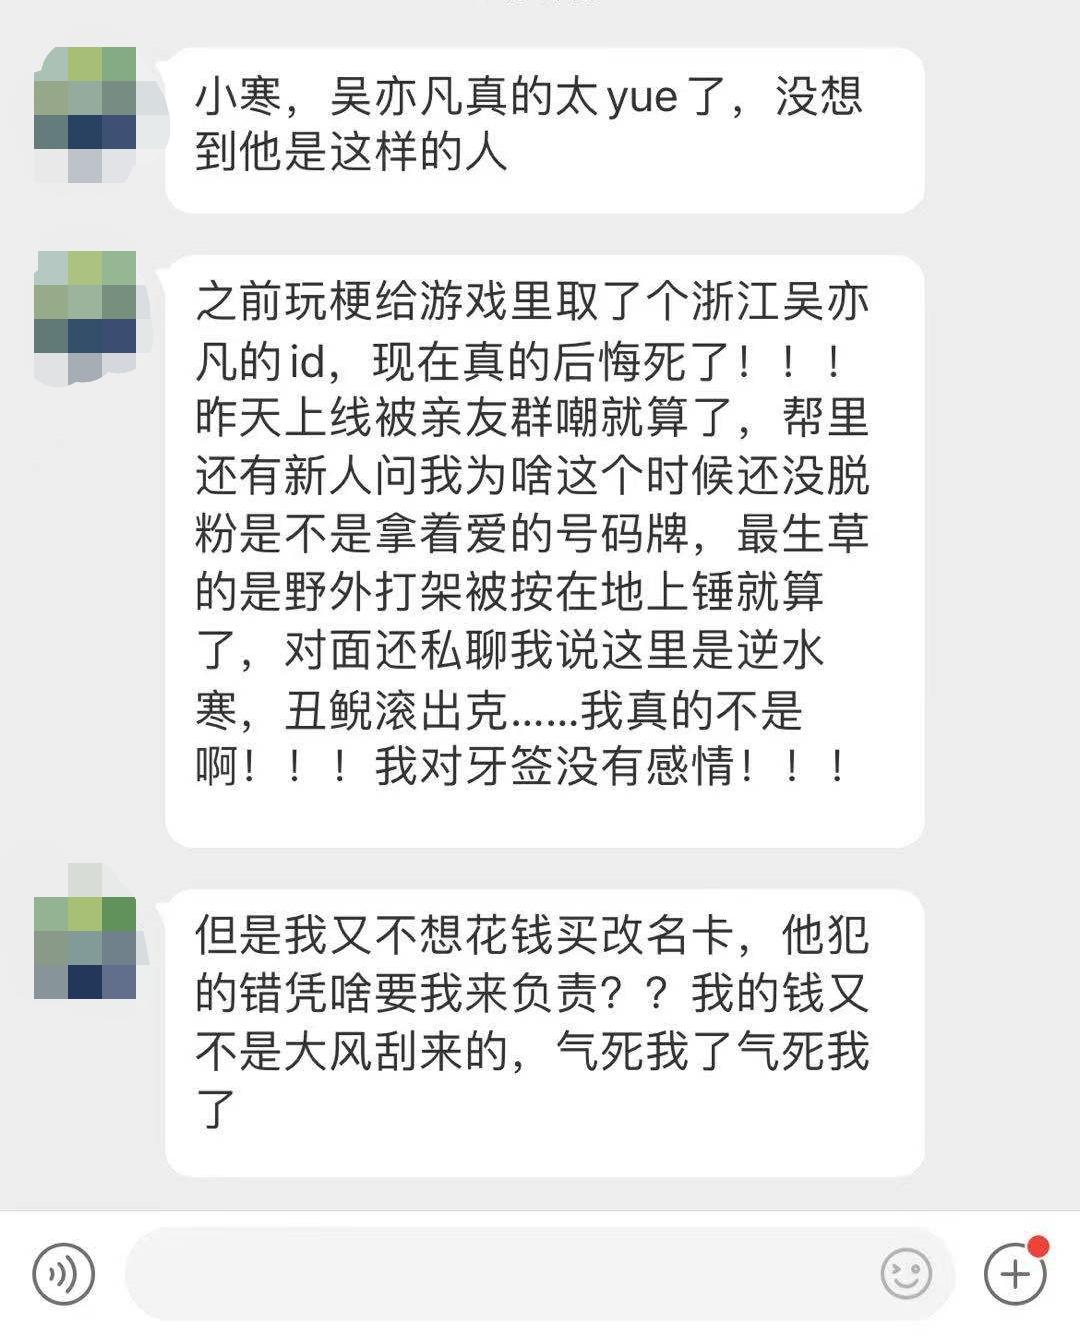 逆水寒为ID含吴亦凡玩家免费改名,冲上热搜第一